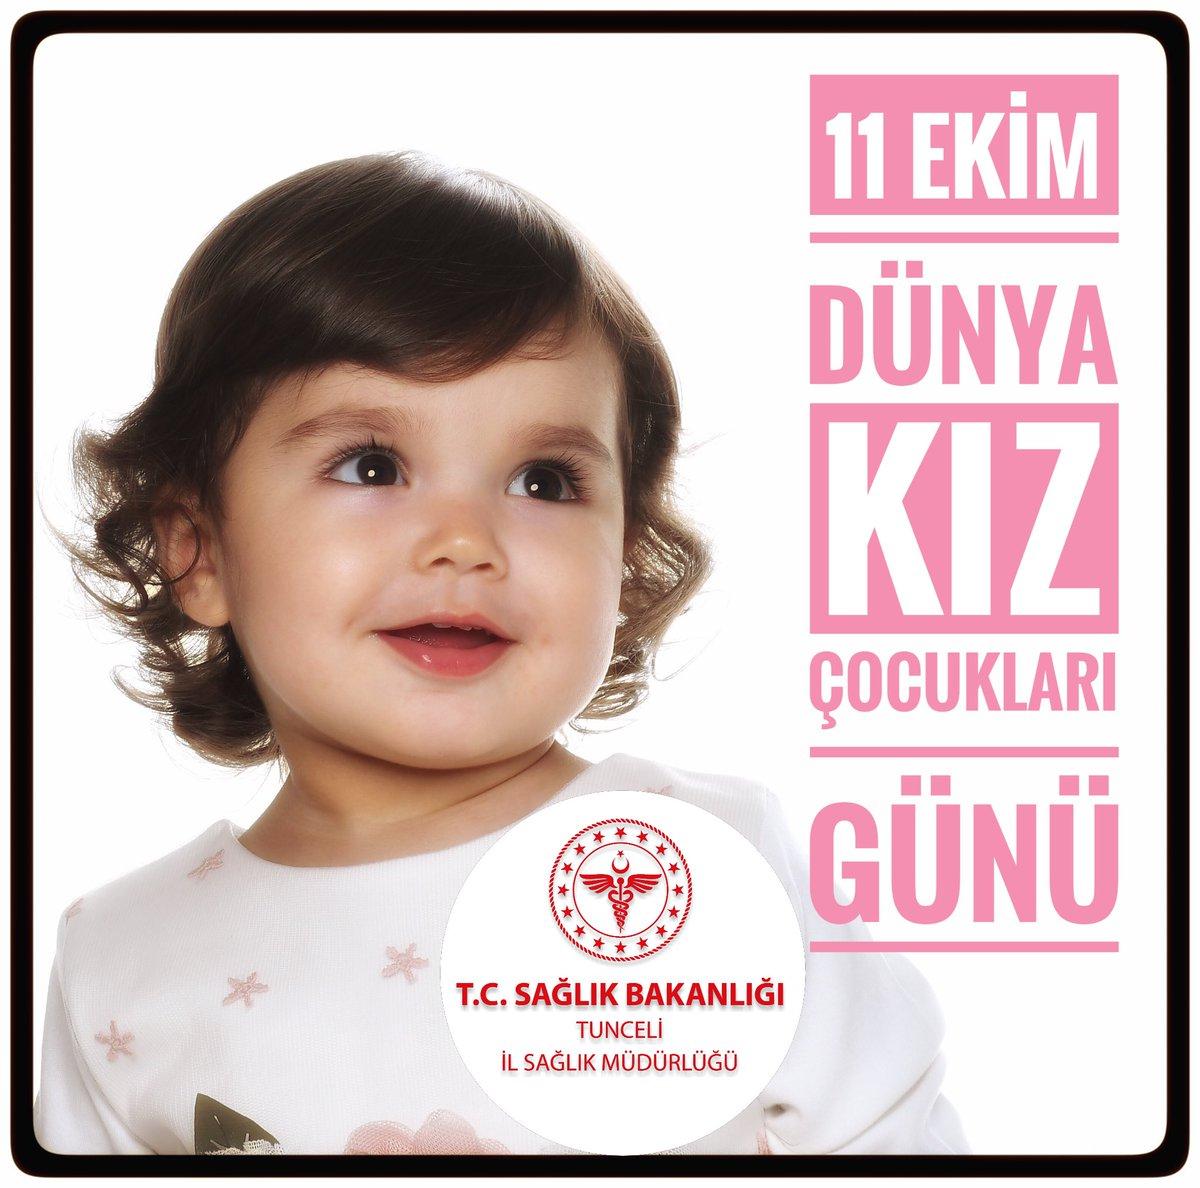 Bizim Tunceli'de 7.000'i aşkın Kız evladımız var. Hepsi Aile hekimlerimize kayıtlı ve hepsinin aşısı tam. Yarınlarımızın güvencesi, dünyanın en değerli varlıkları olan kız çocuklarımızın sağlıkla yaşadığı bir Dünya için çalışıyoruz;   #11Ekim   #DünyaKızÇocuklarıGünü   kutlu olsun.